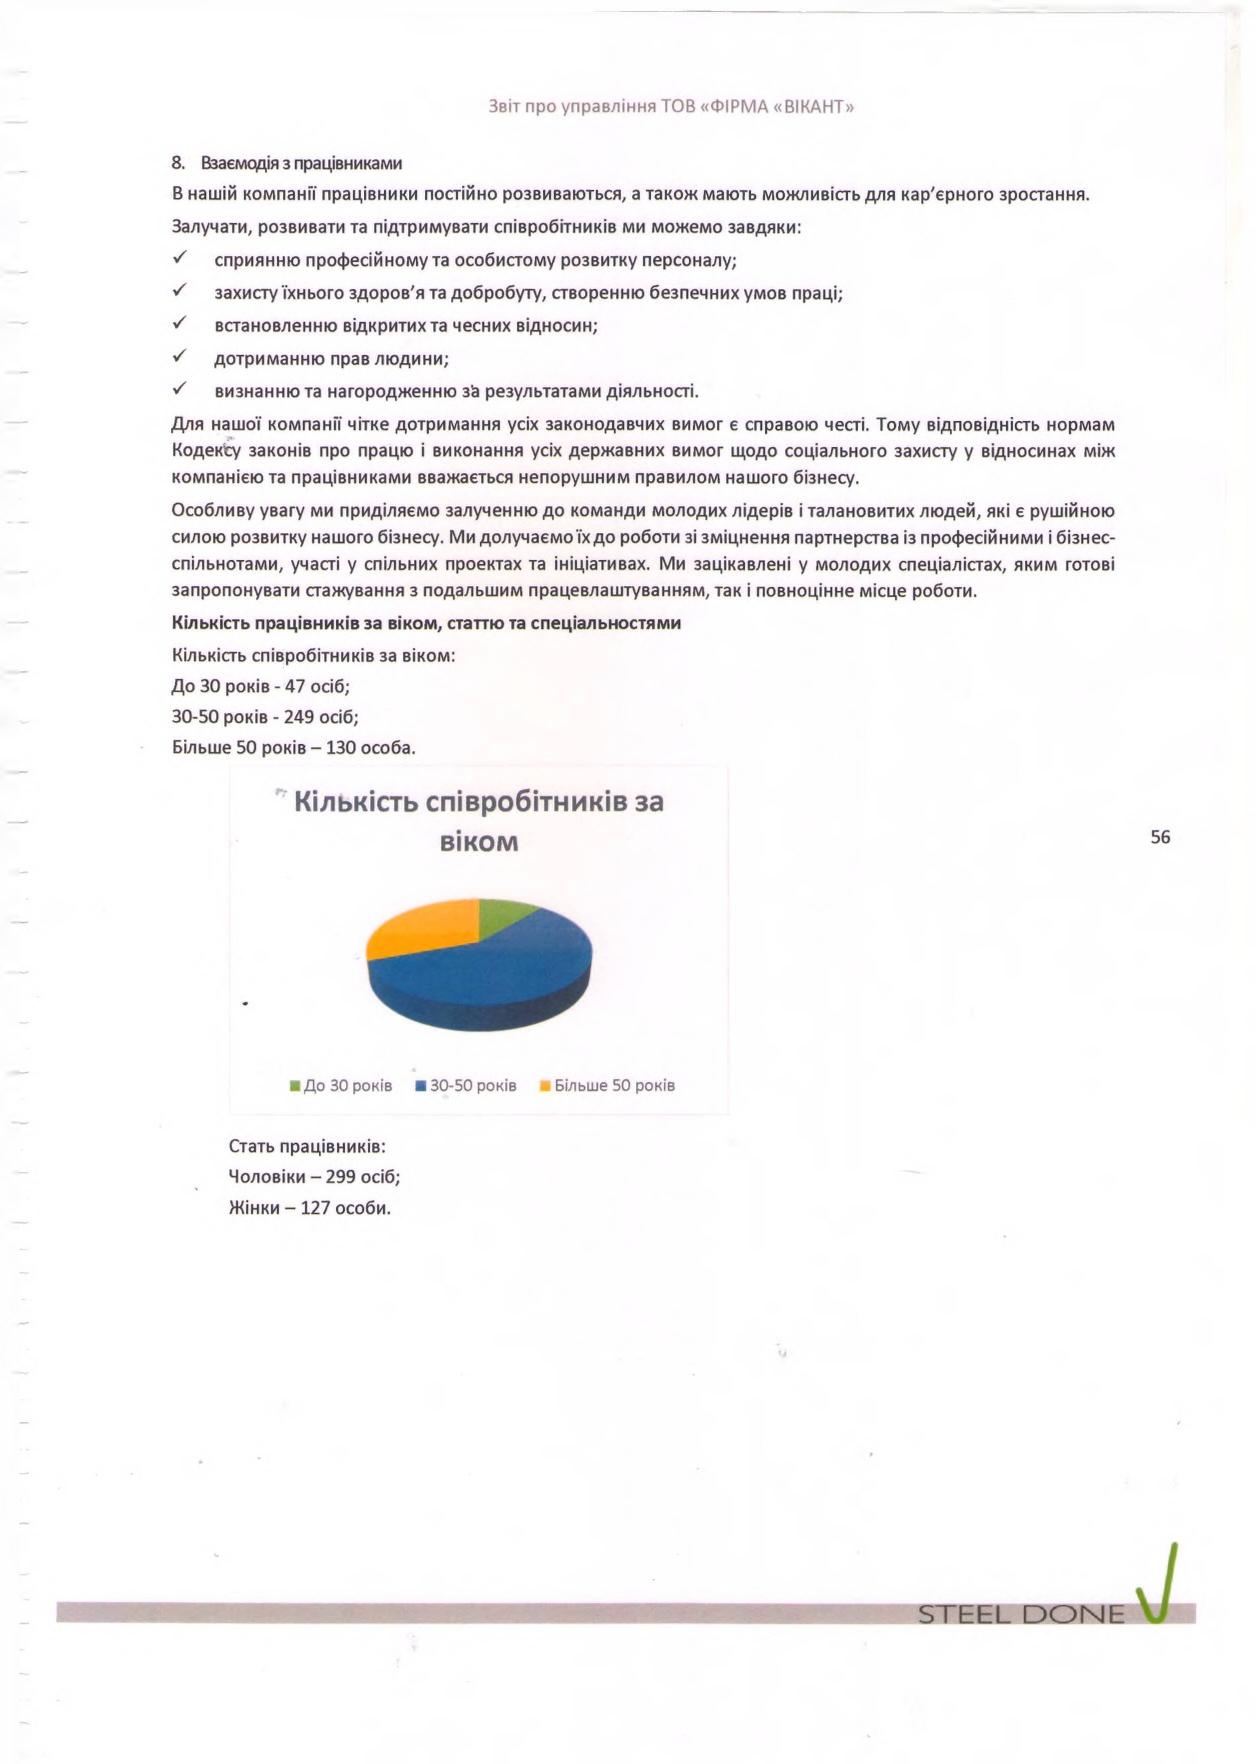 Финансовая отчётность Викант 2020 год